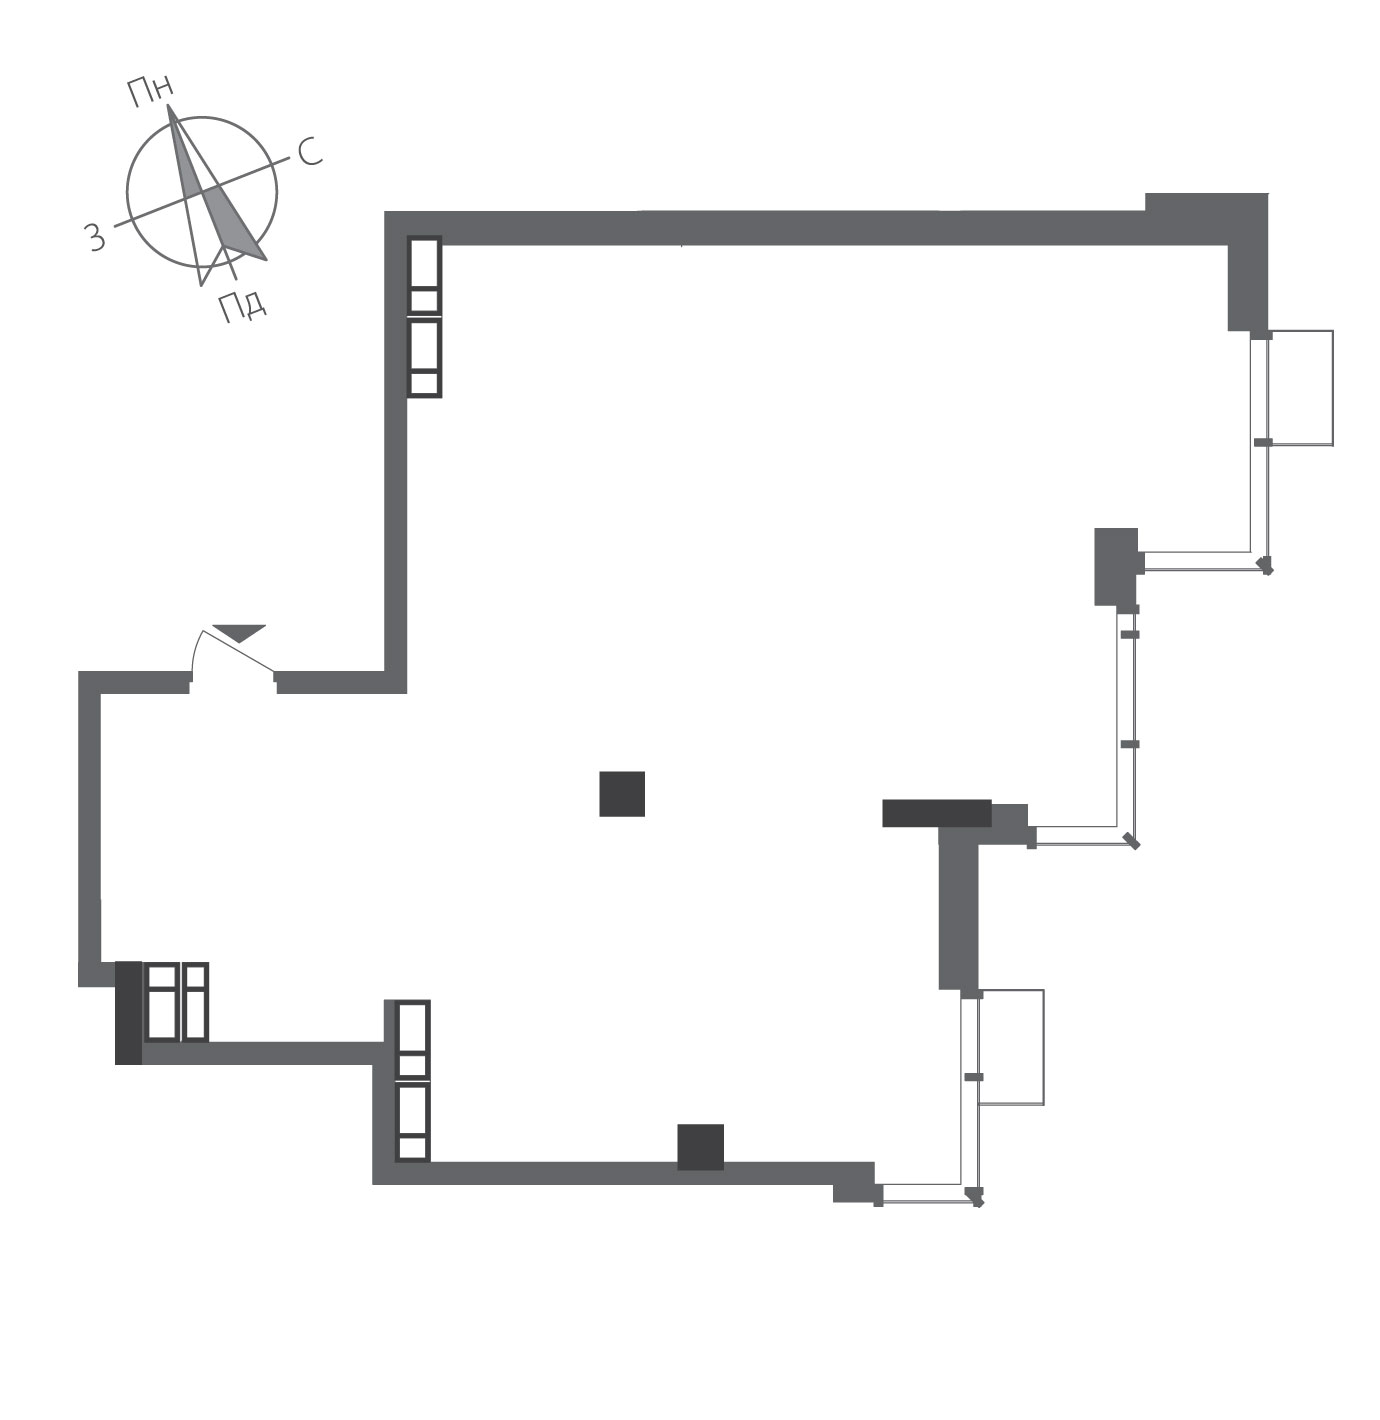 Двухкомнатная квартира в ЖК RiverStone Номер квартиры №23, Дом 8, Этаж 23, Полная площадь 89,02